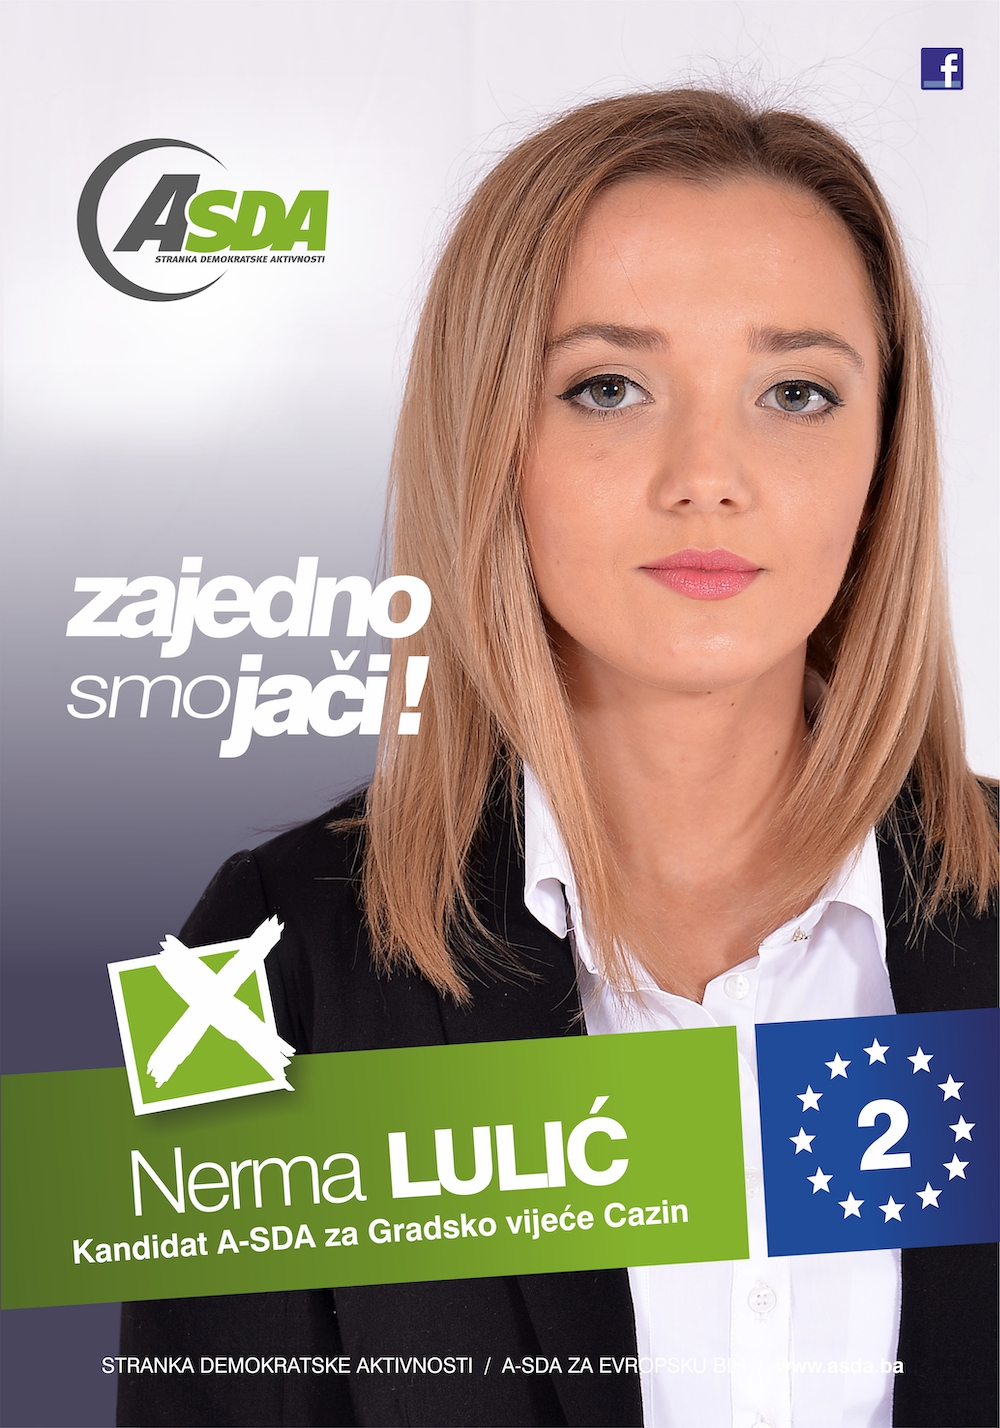 Lulić Nerma